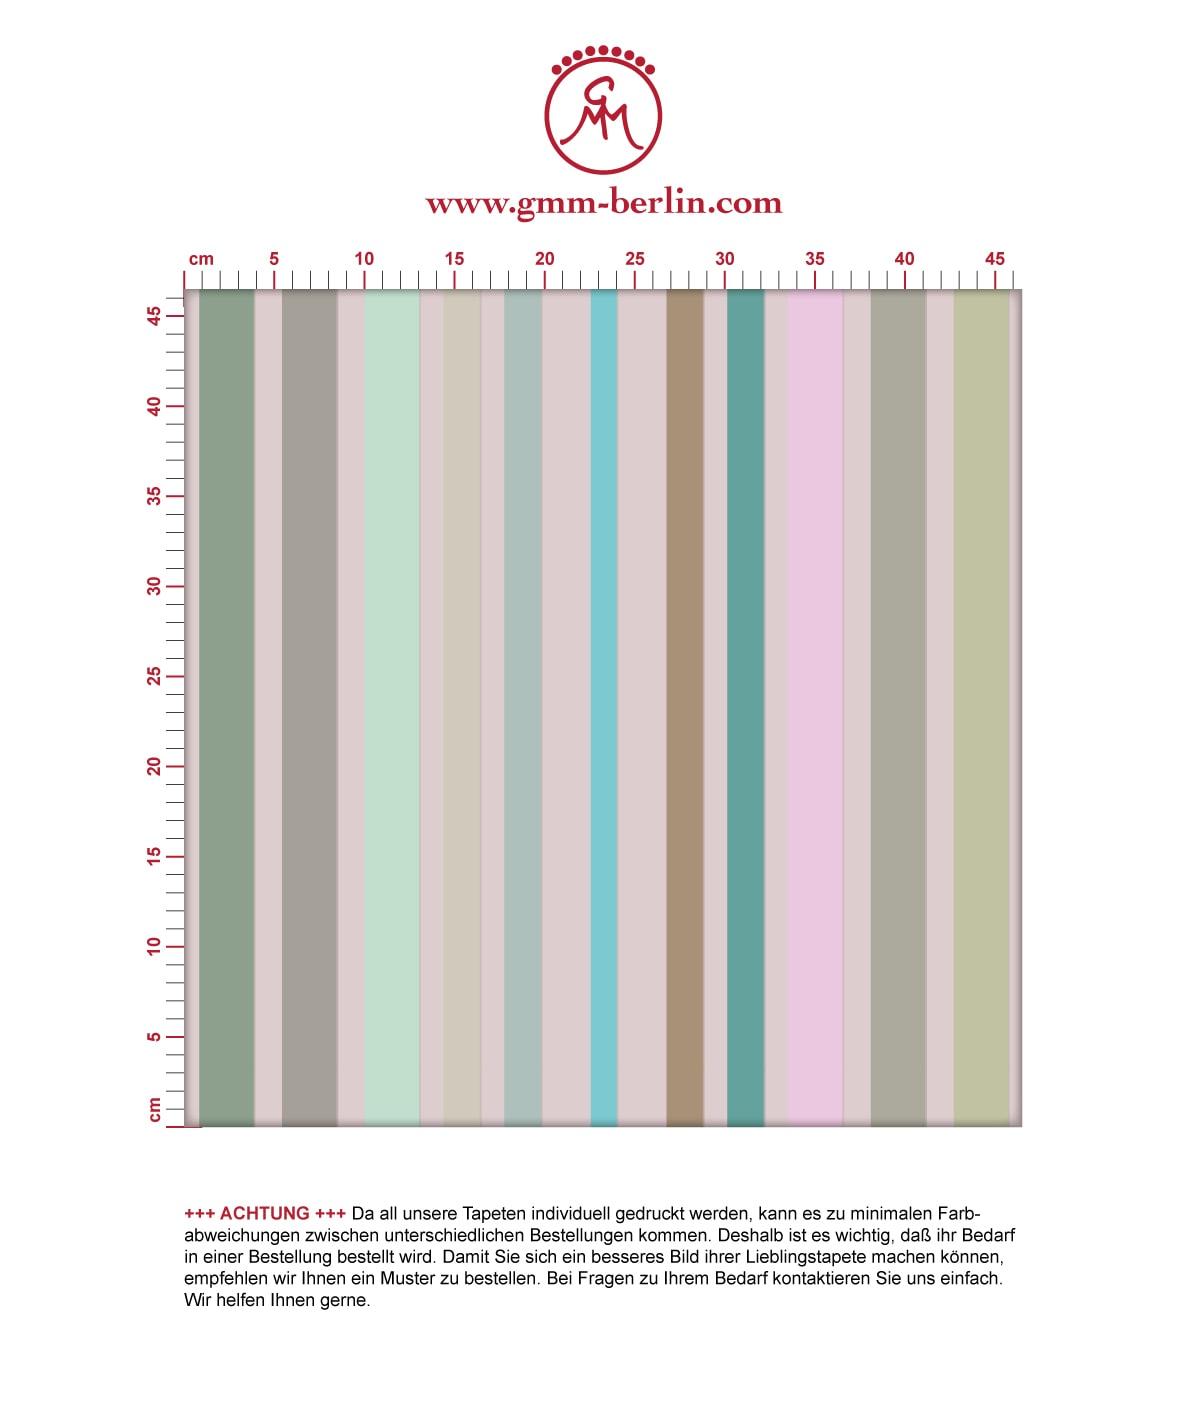 Edle Classic Tapete dekorativer Streifen in aus der Tapeten Design Familie: 00179 als Naturaltouch Luxus Vliestapete oder Basic Vliestapete